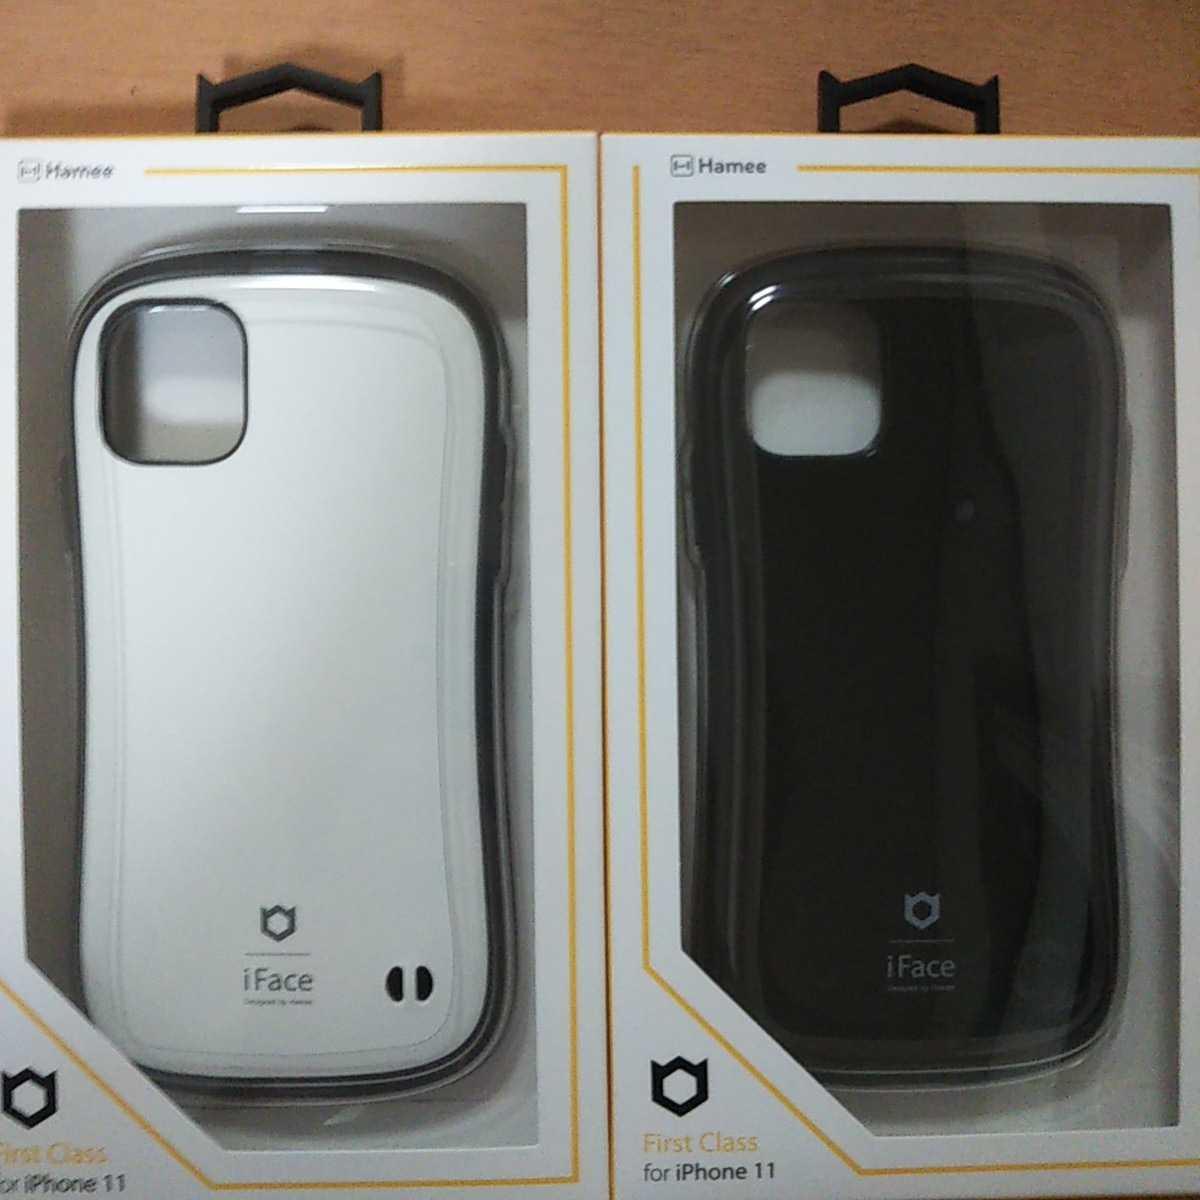 新品 Hamee iPhone 11対応ケース ブラック+ホワイト 2セット iFace 正規品 スマホケース FIRST CLASS iPhone Apple